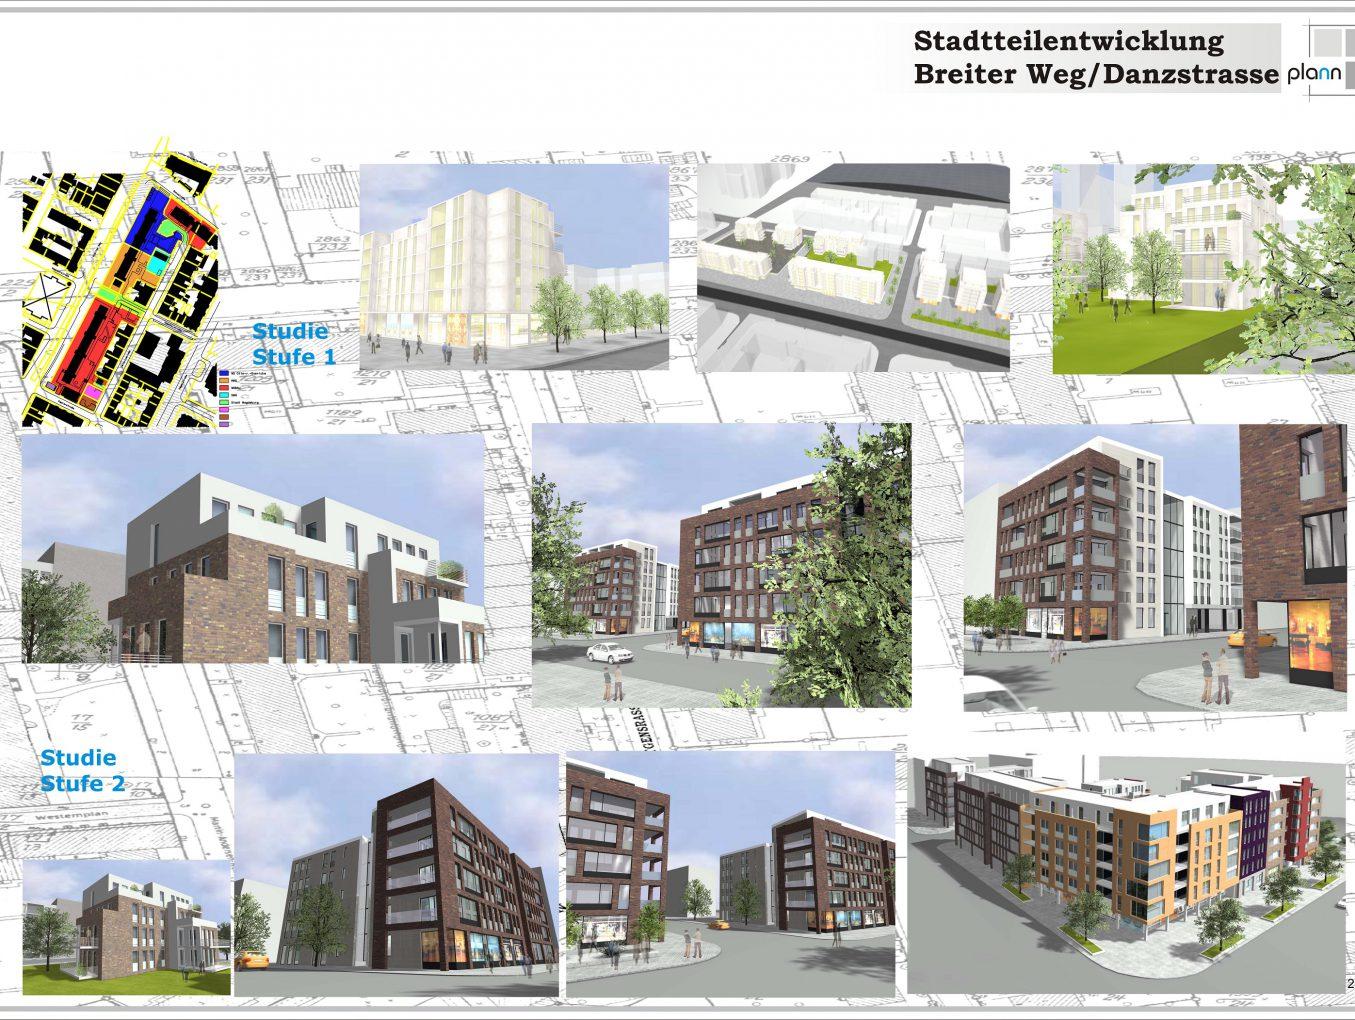 Stadteilentwicklung in Magdeburg